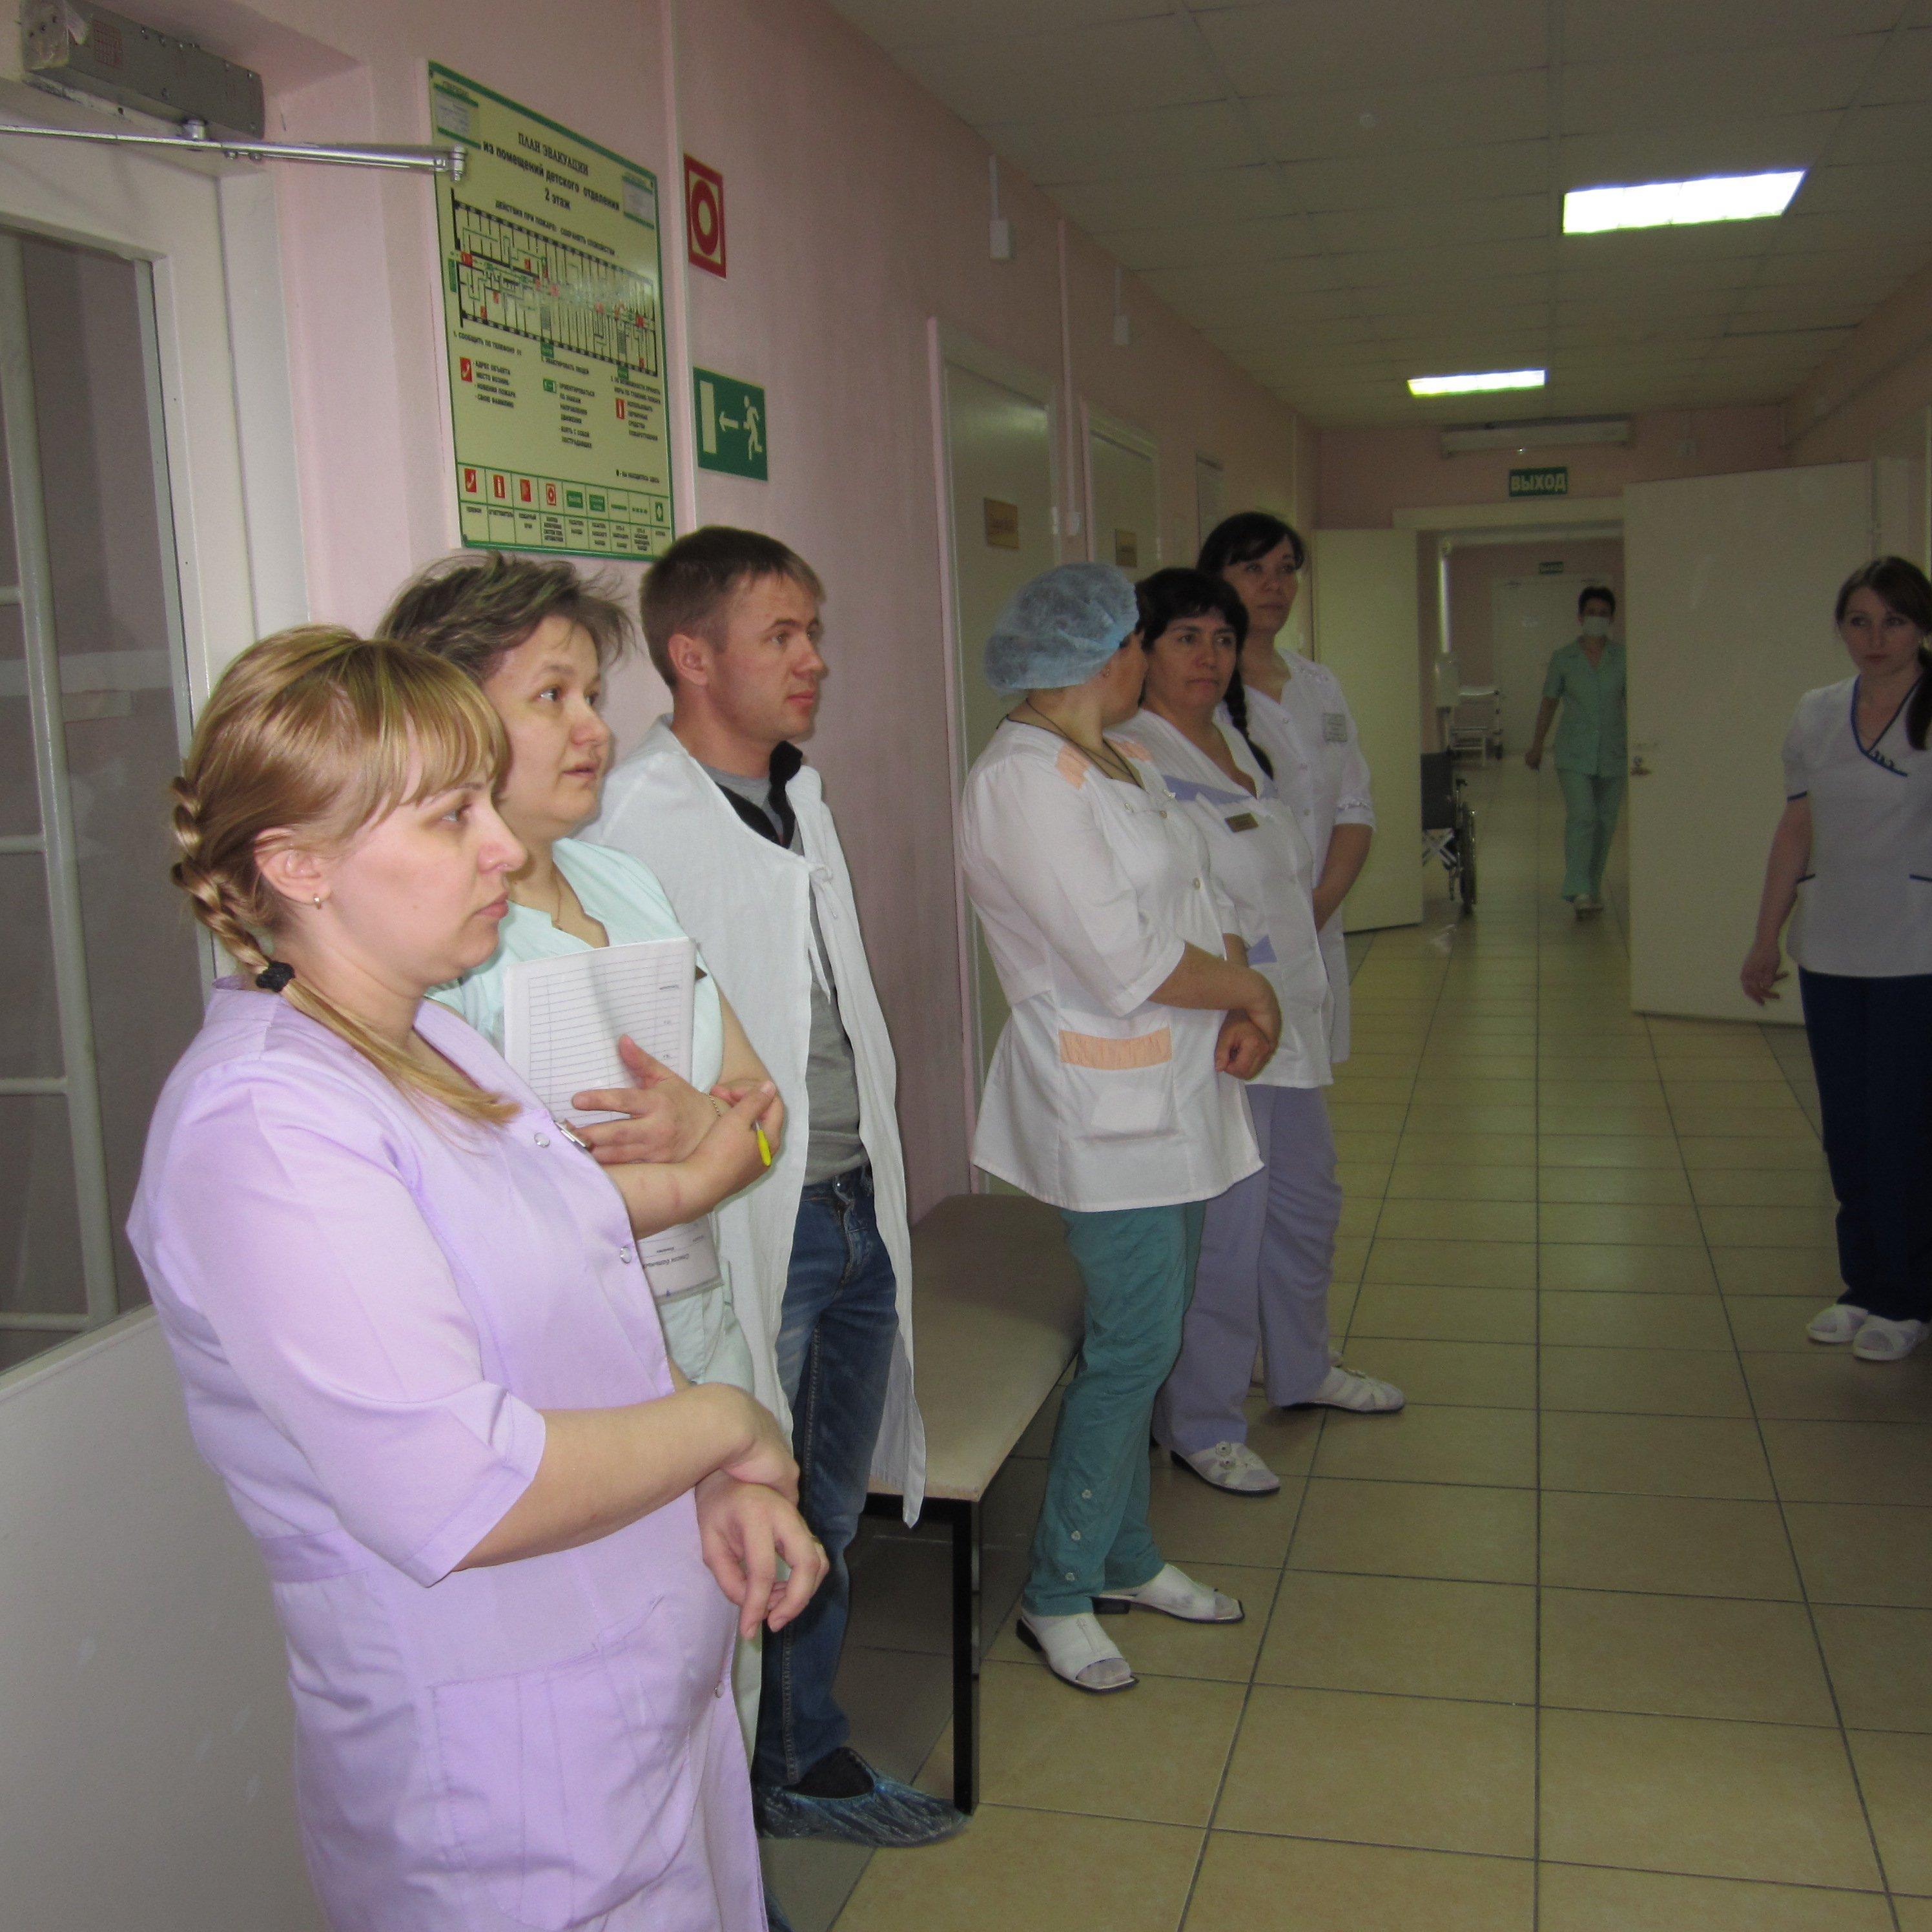 Волгодонск поликлиника 1 электронная регистратура